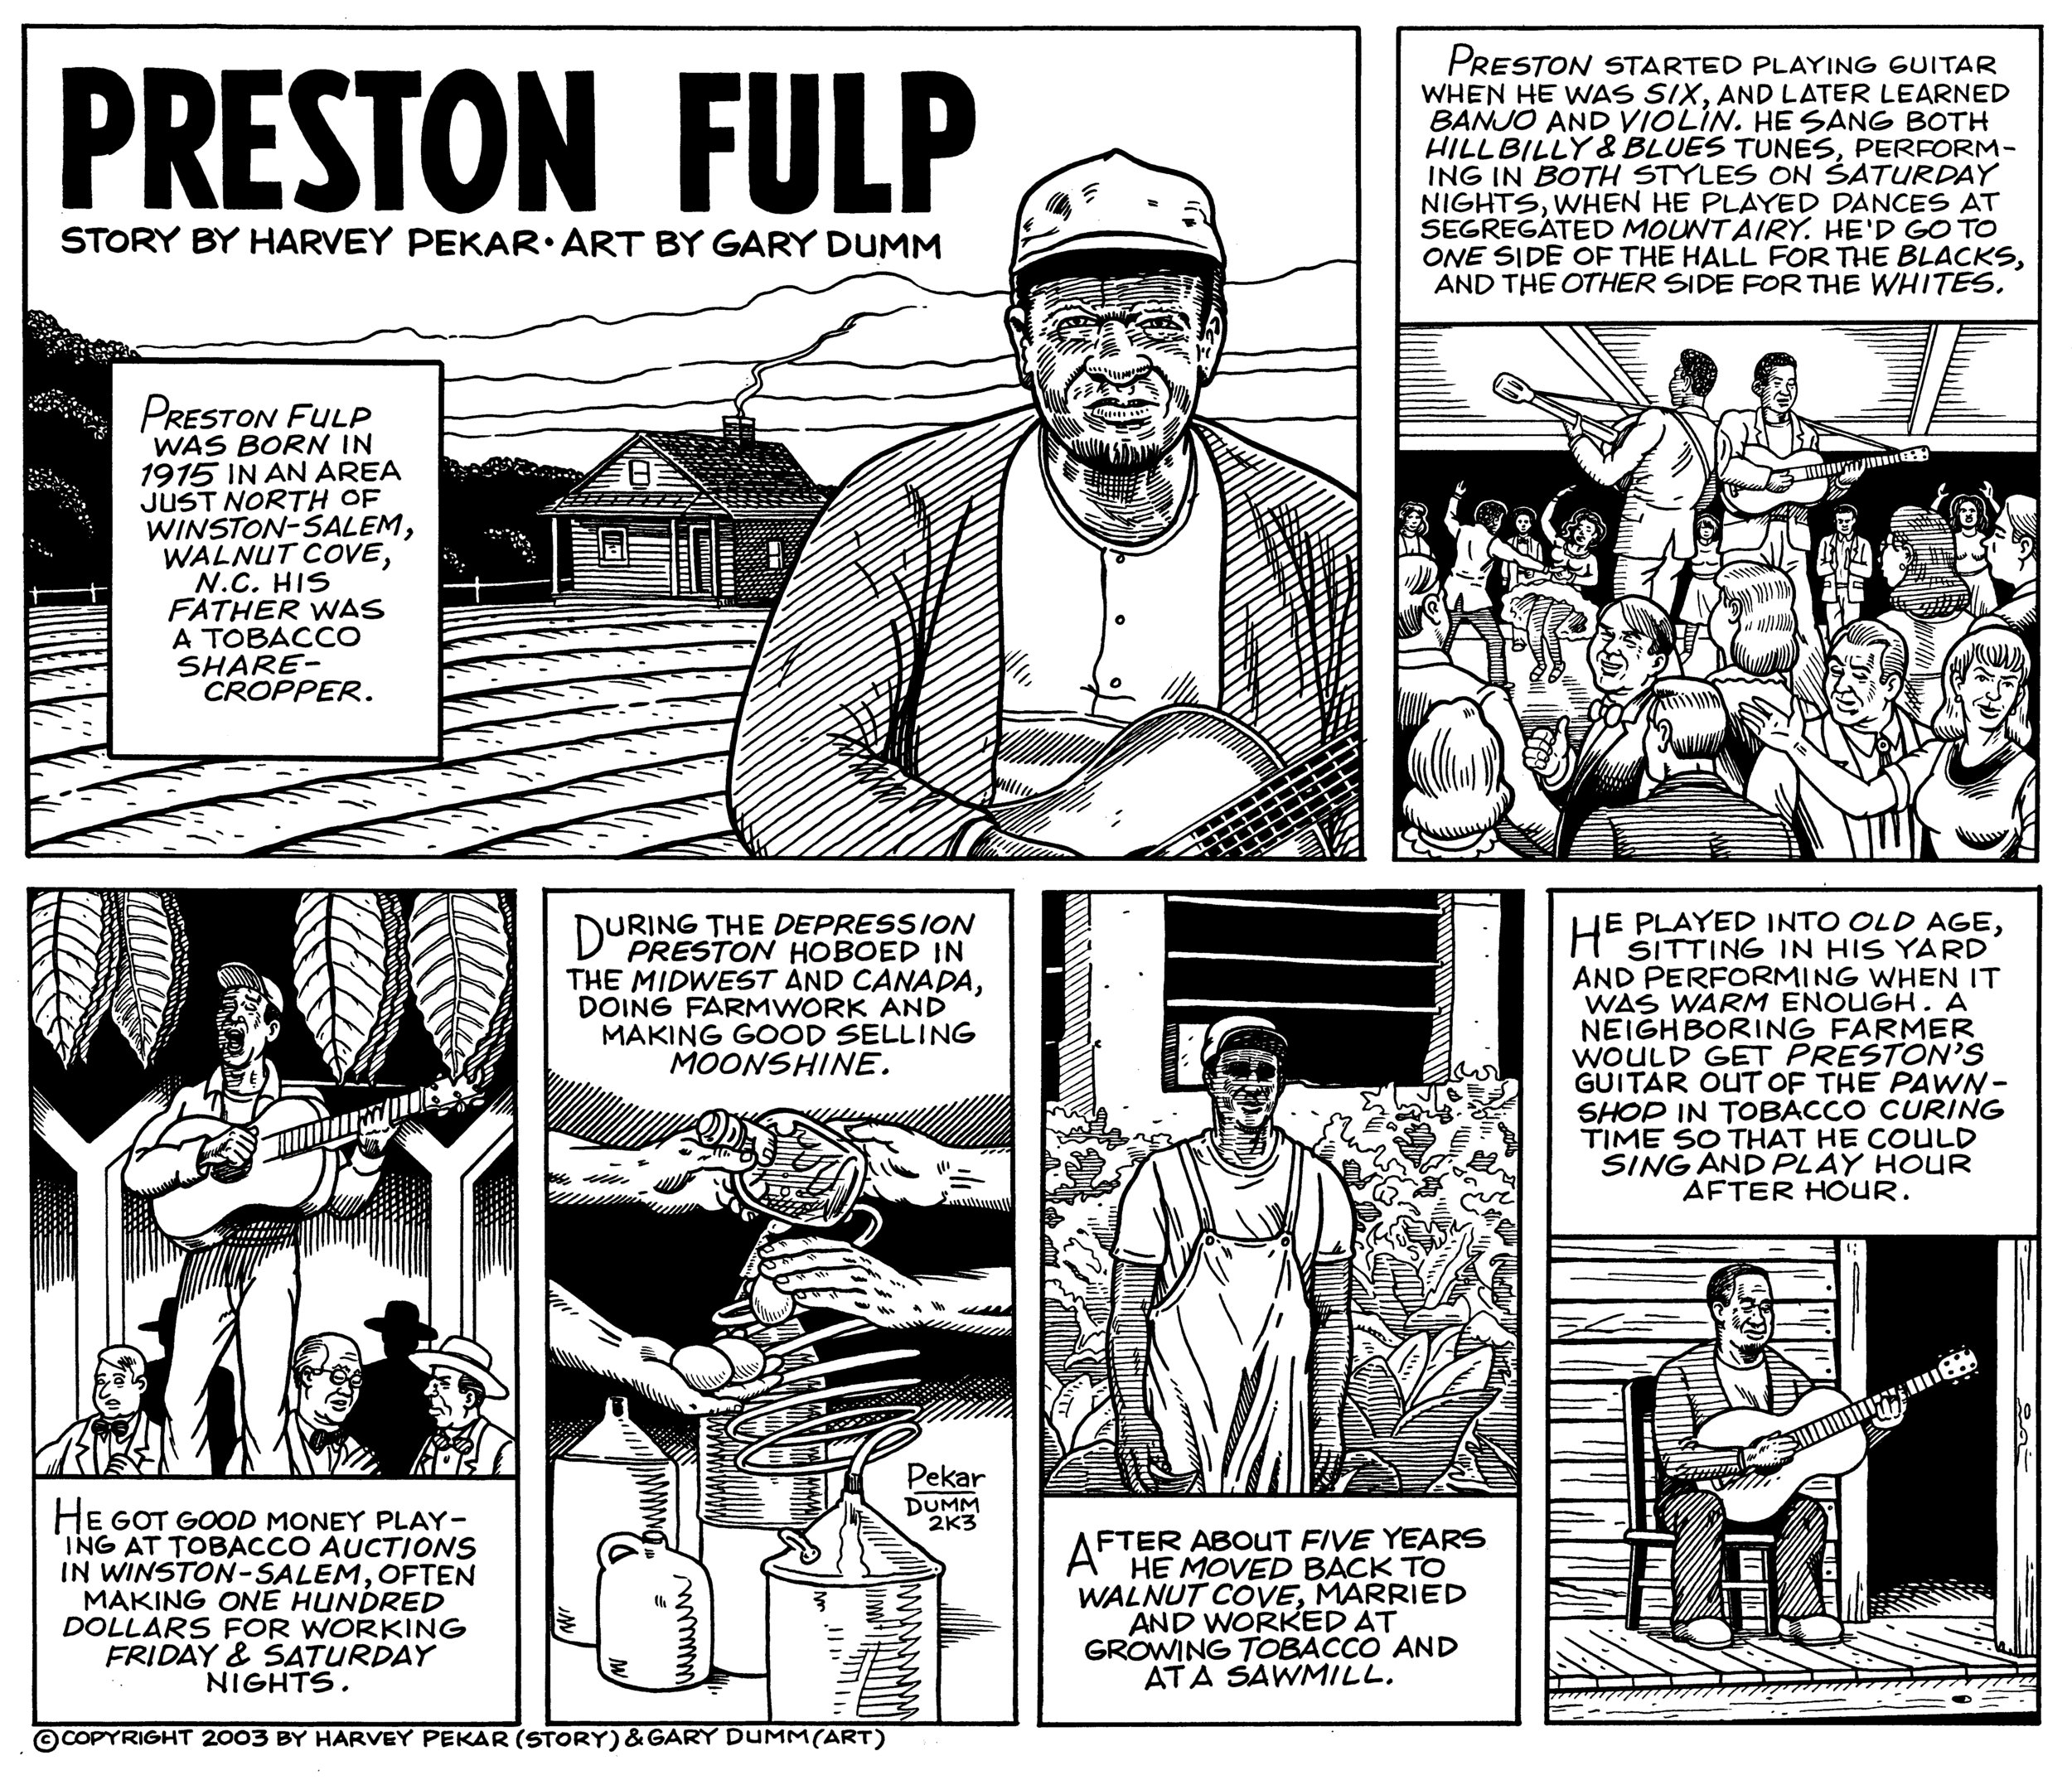 PrestonFulp.jpg